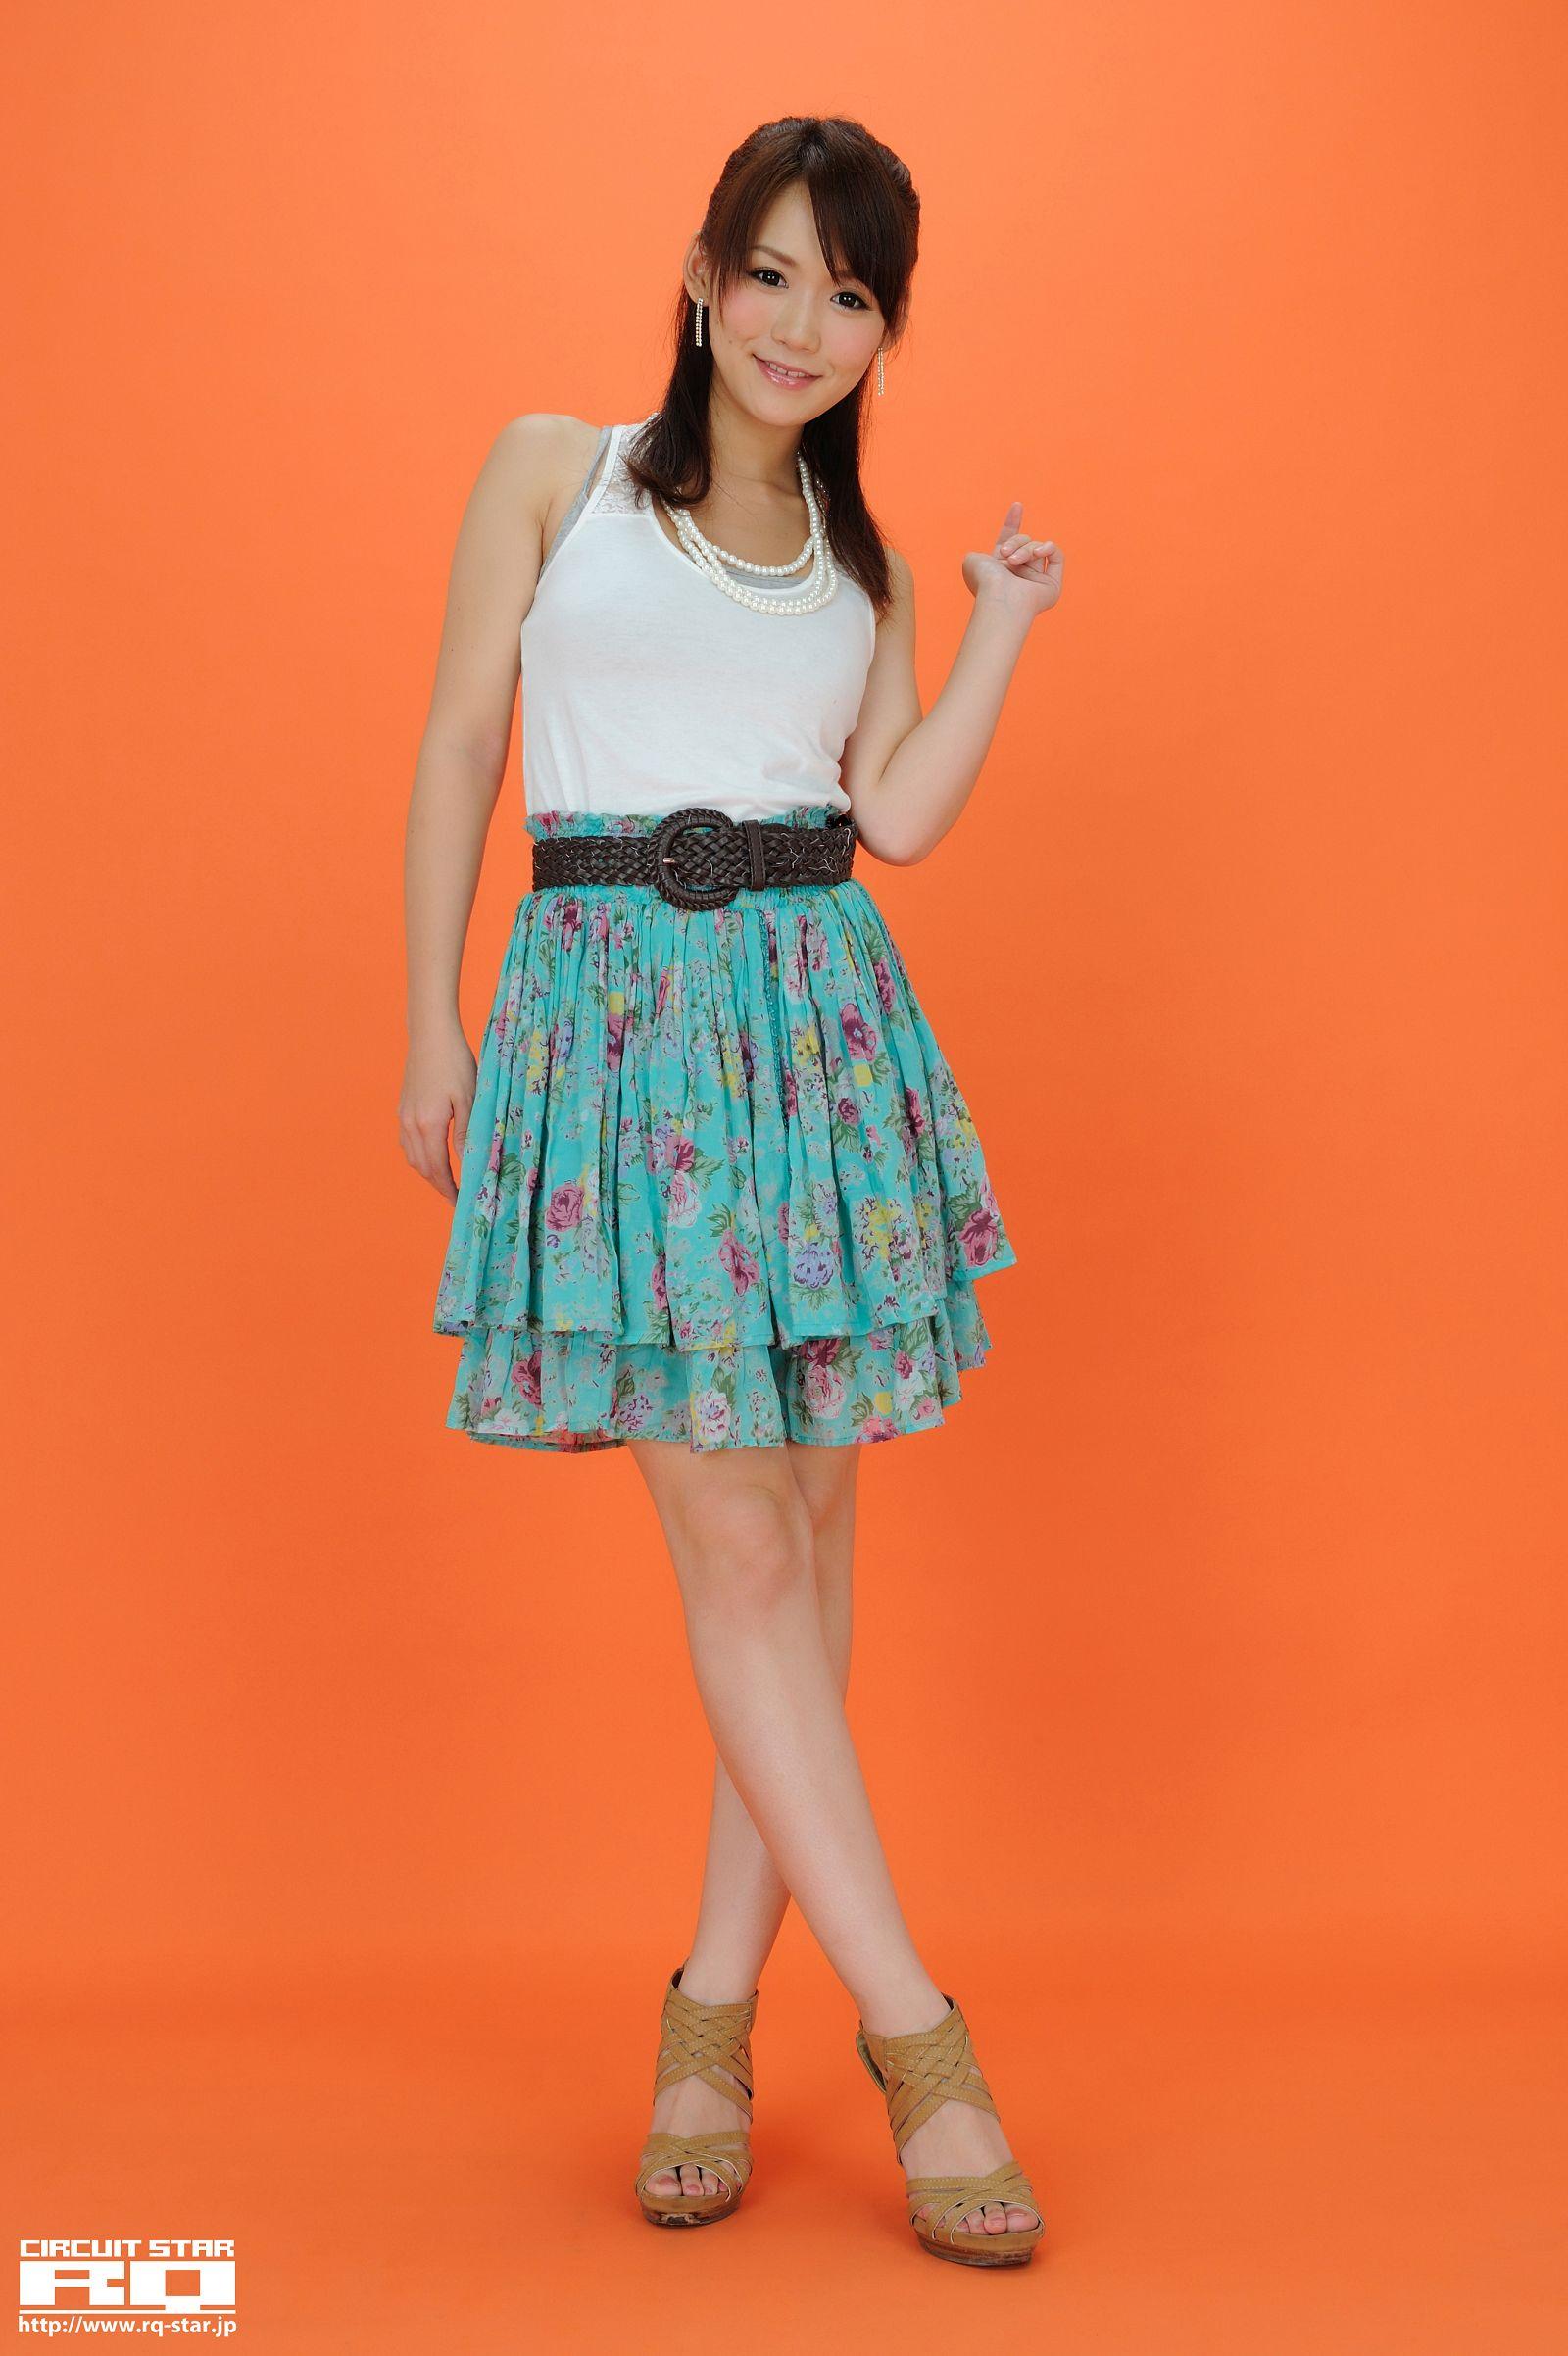 [RQ STAR美女] NO.00534 Yumi 優実 – Private Dress[60P] RQ STAR 第1张